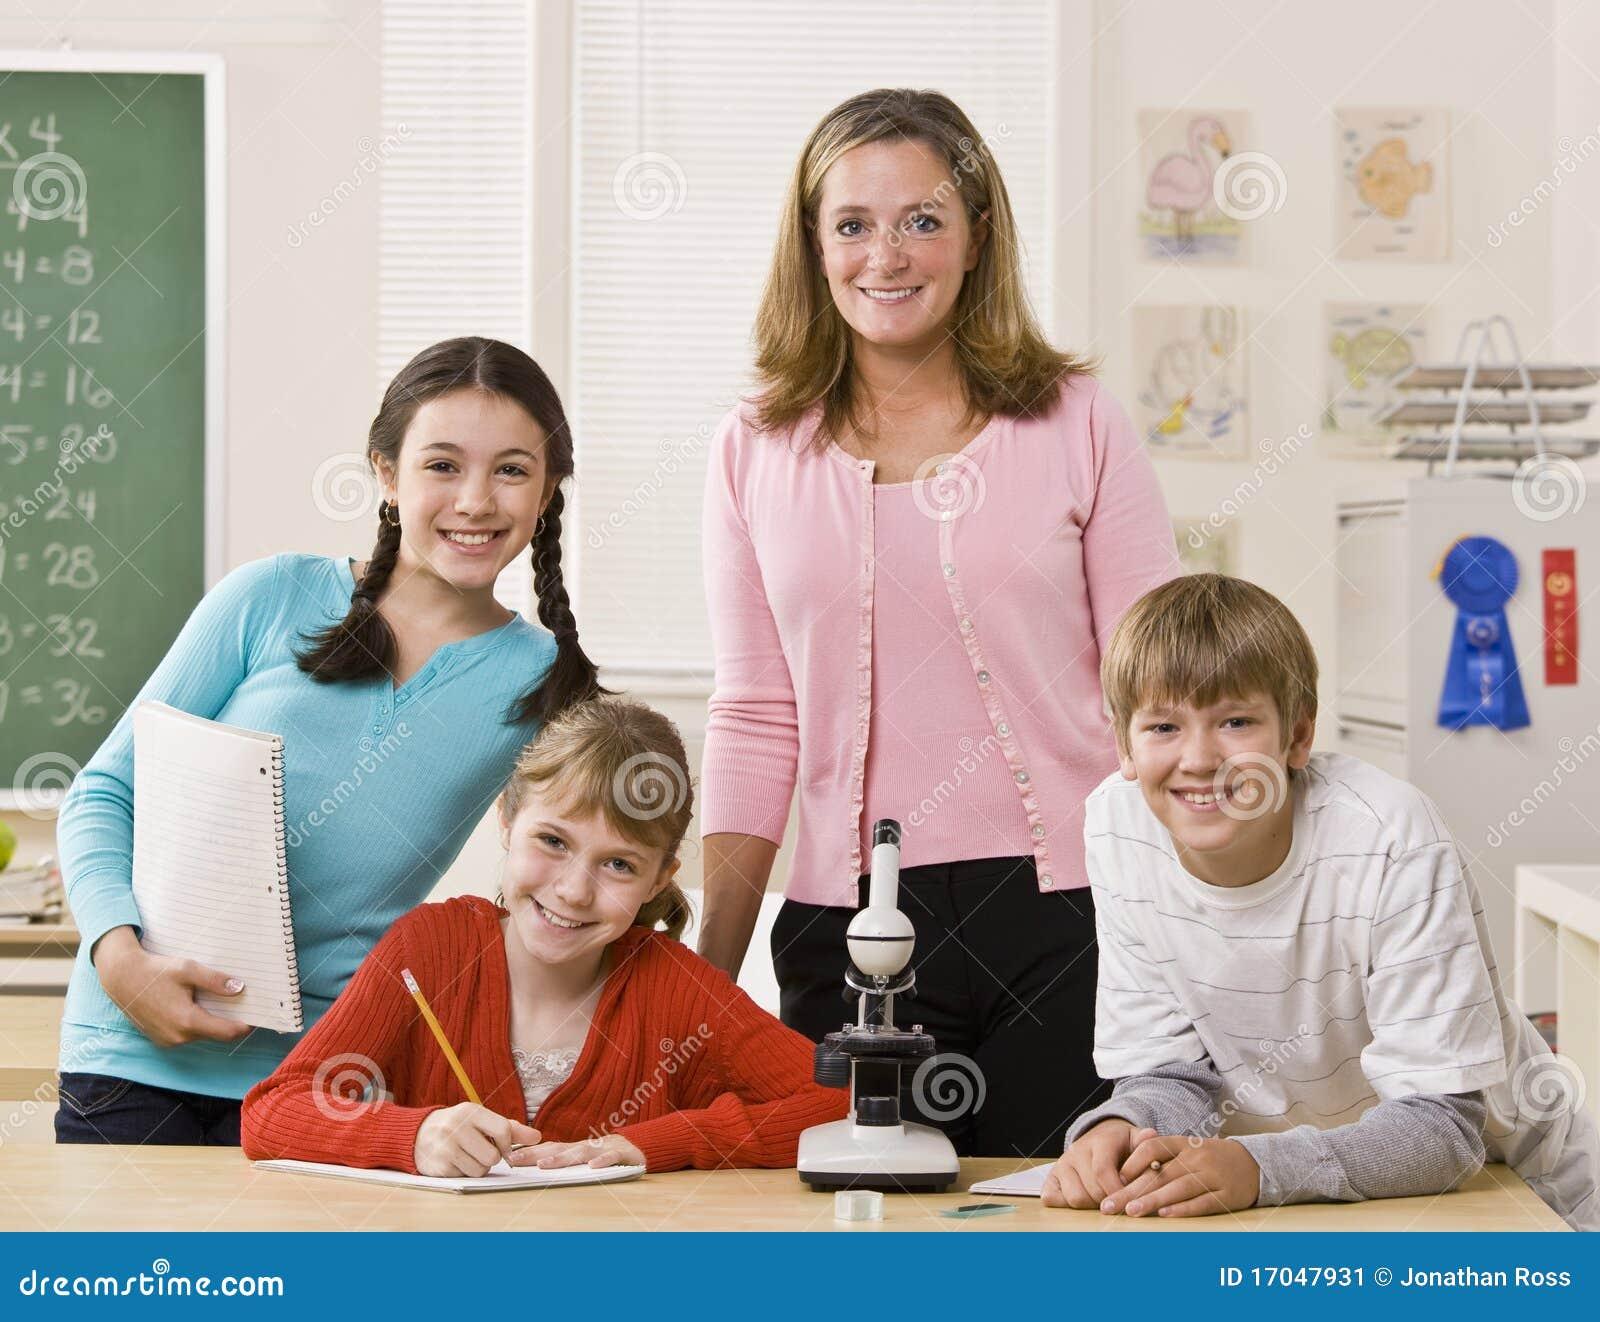 Profesora y estudiante - Servipornocom